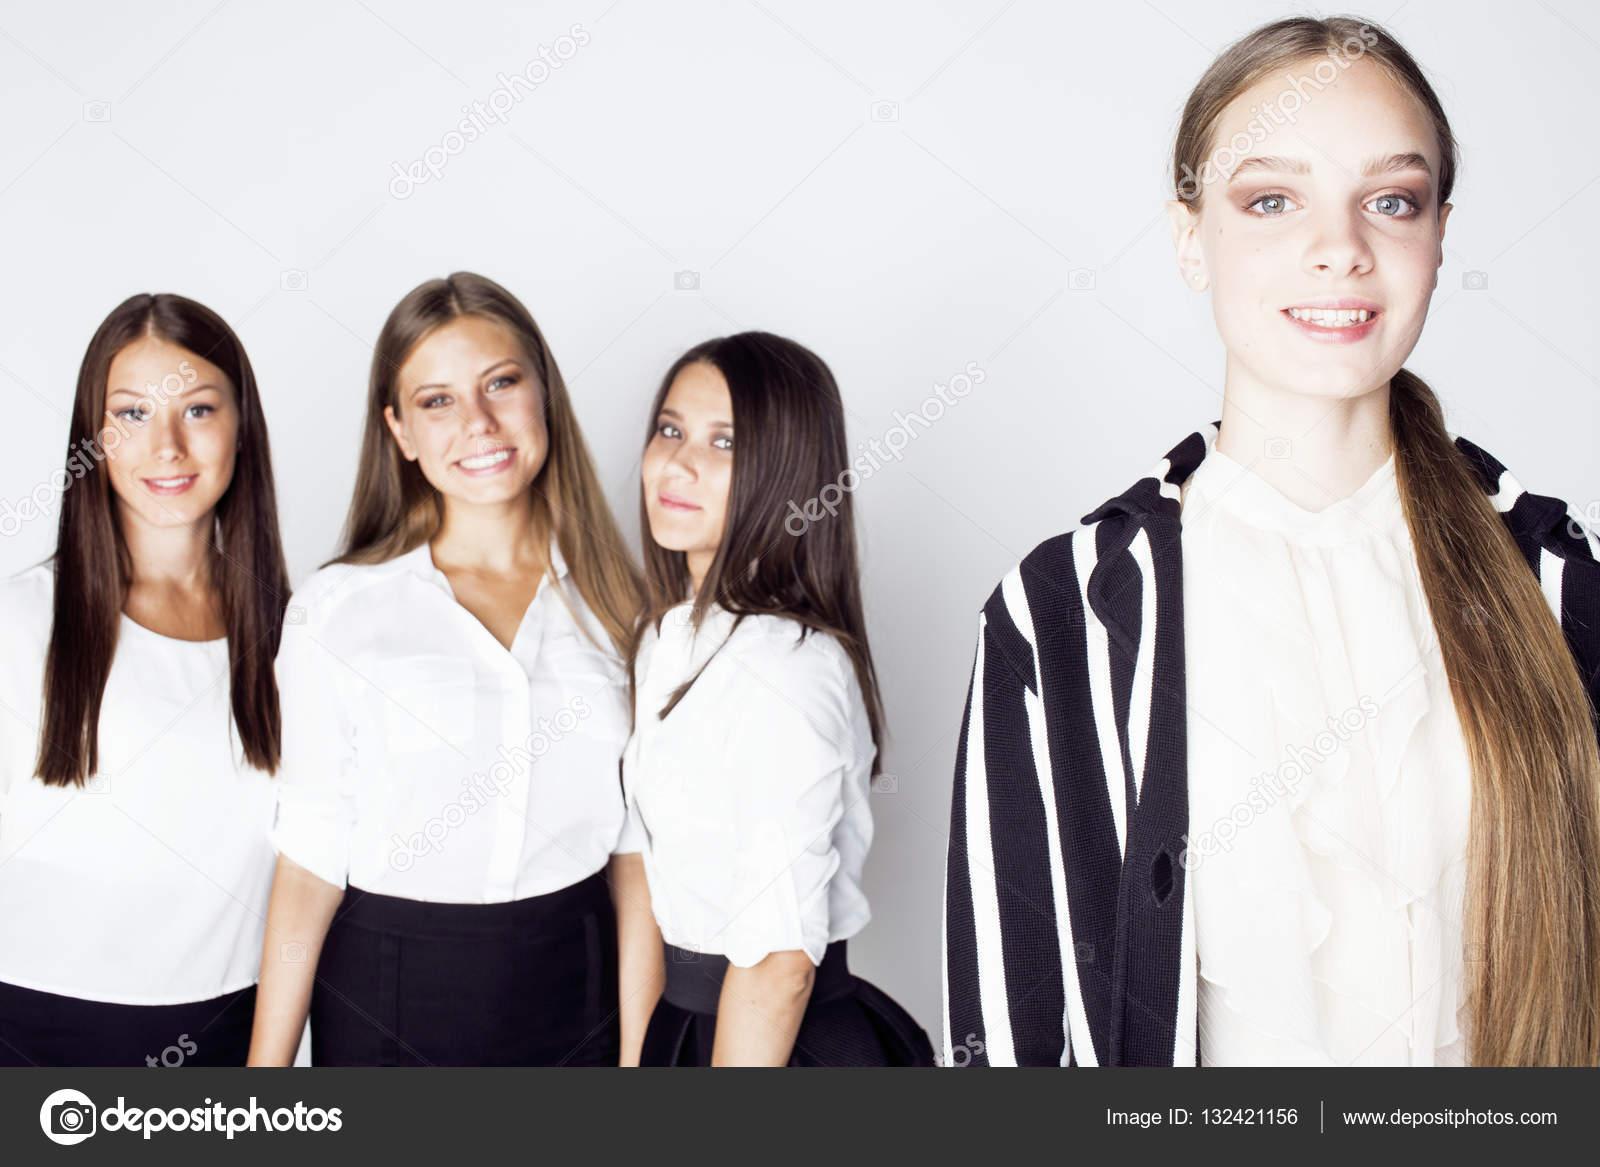 Успех девушек у молодых людей